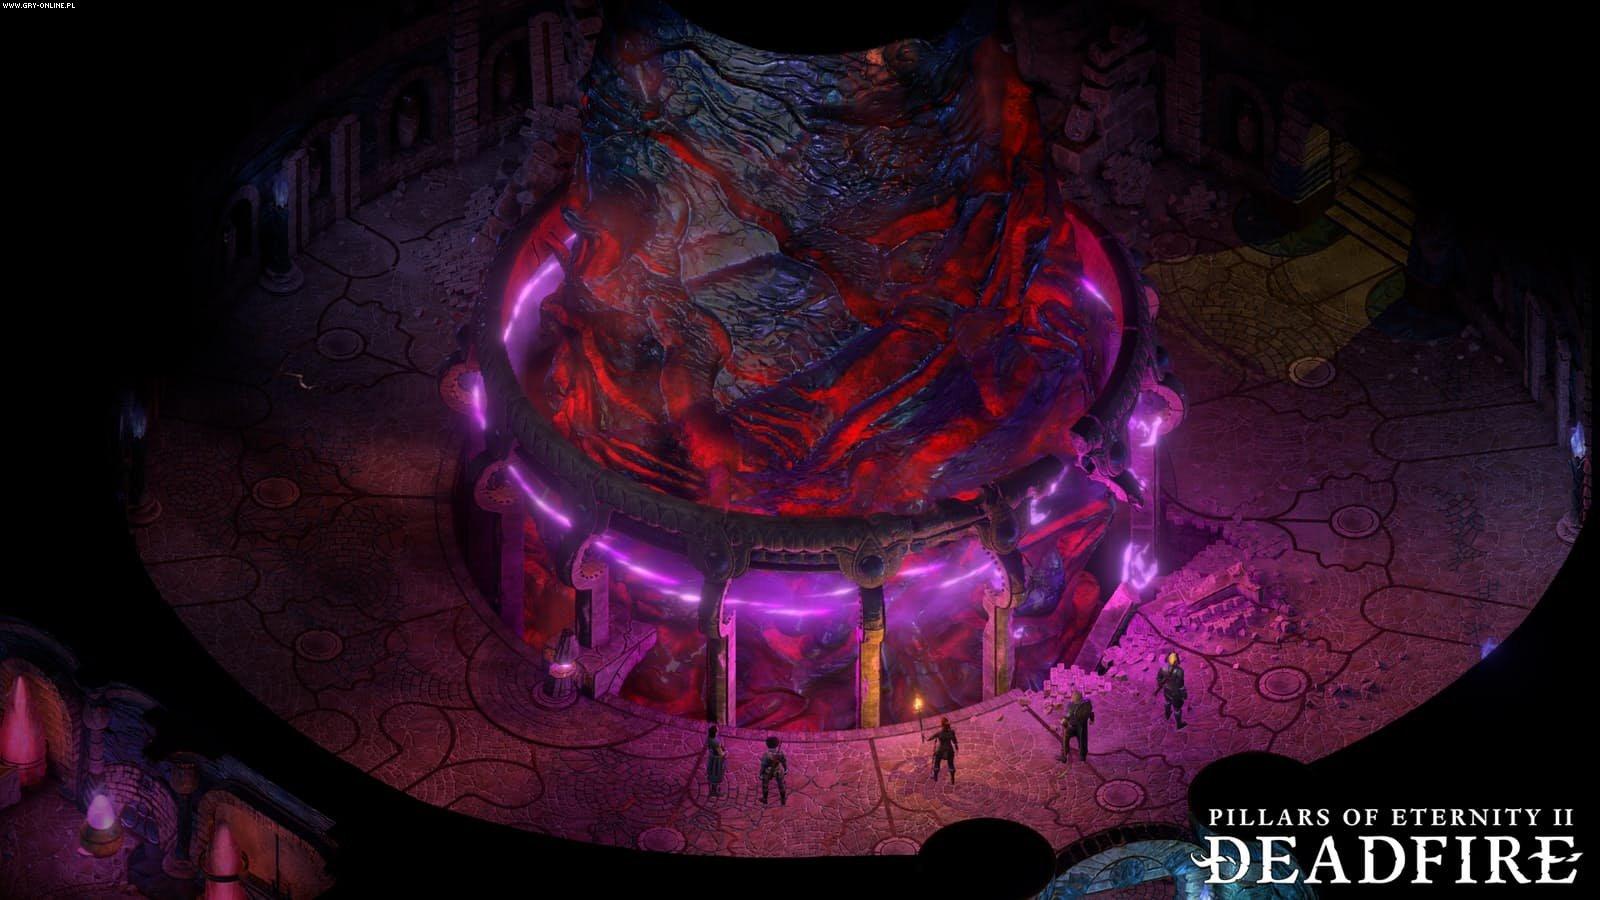 Pillars of Eternity II: Deadfire for PC screenshot